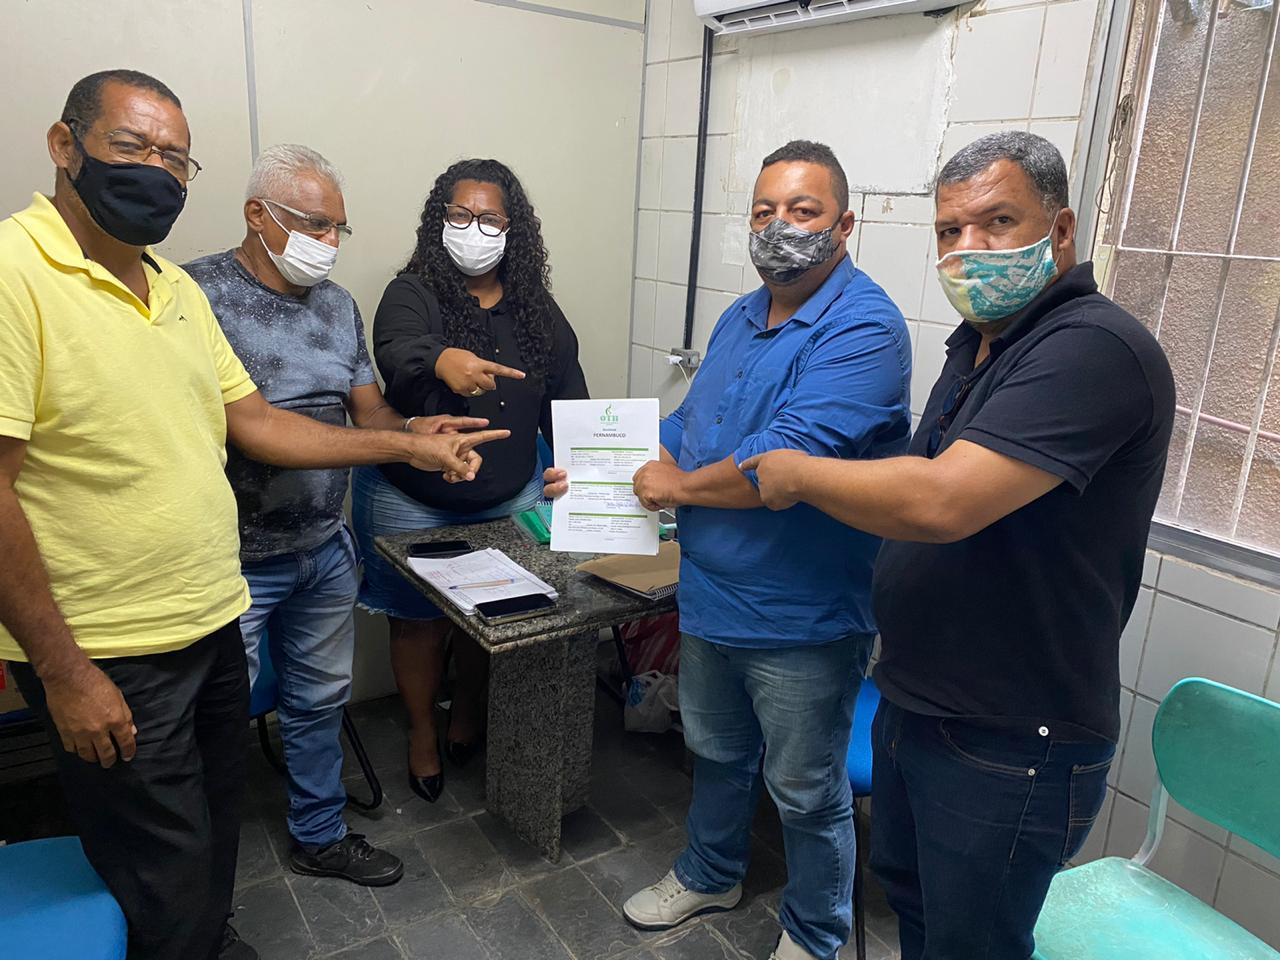 Seccional OTB de Pernambuco reunida em Recife